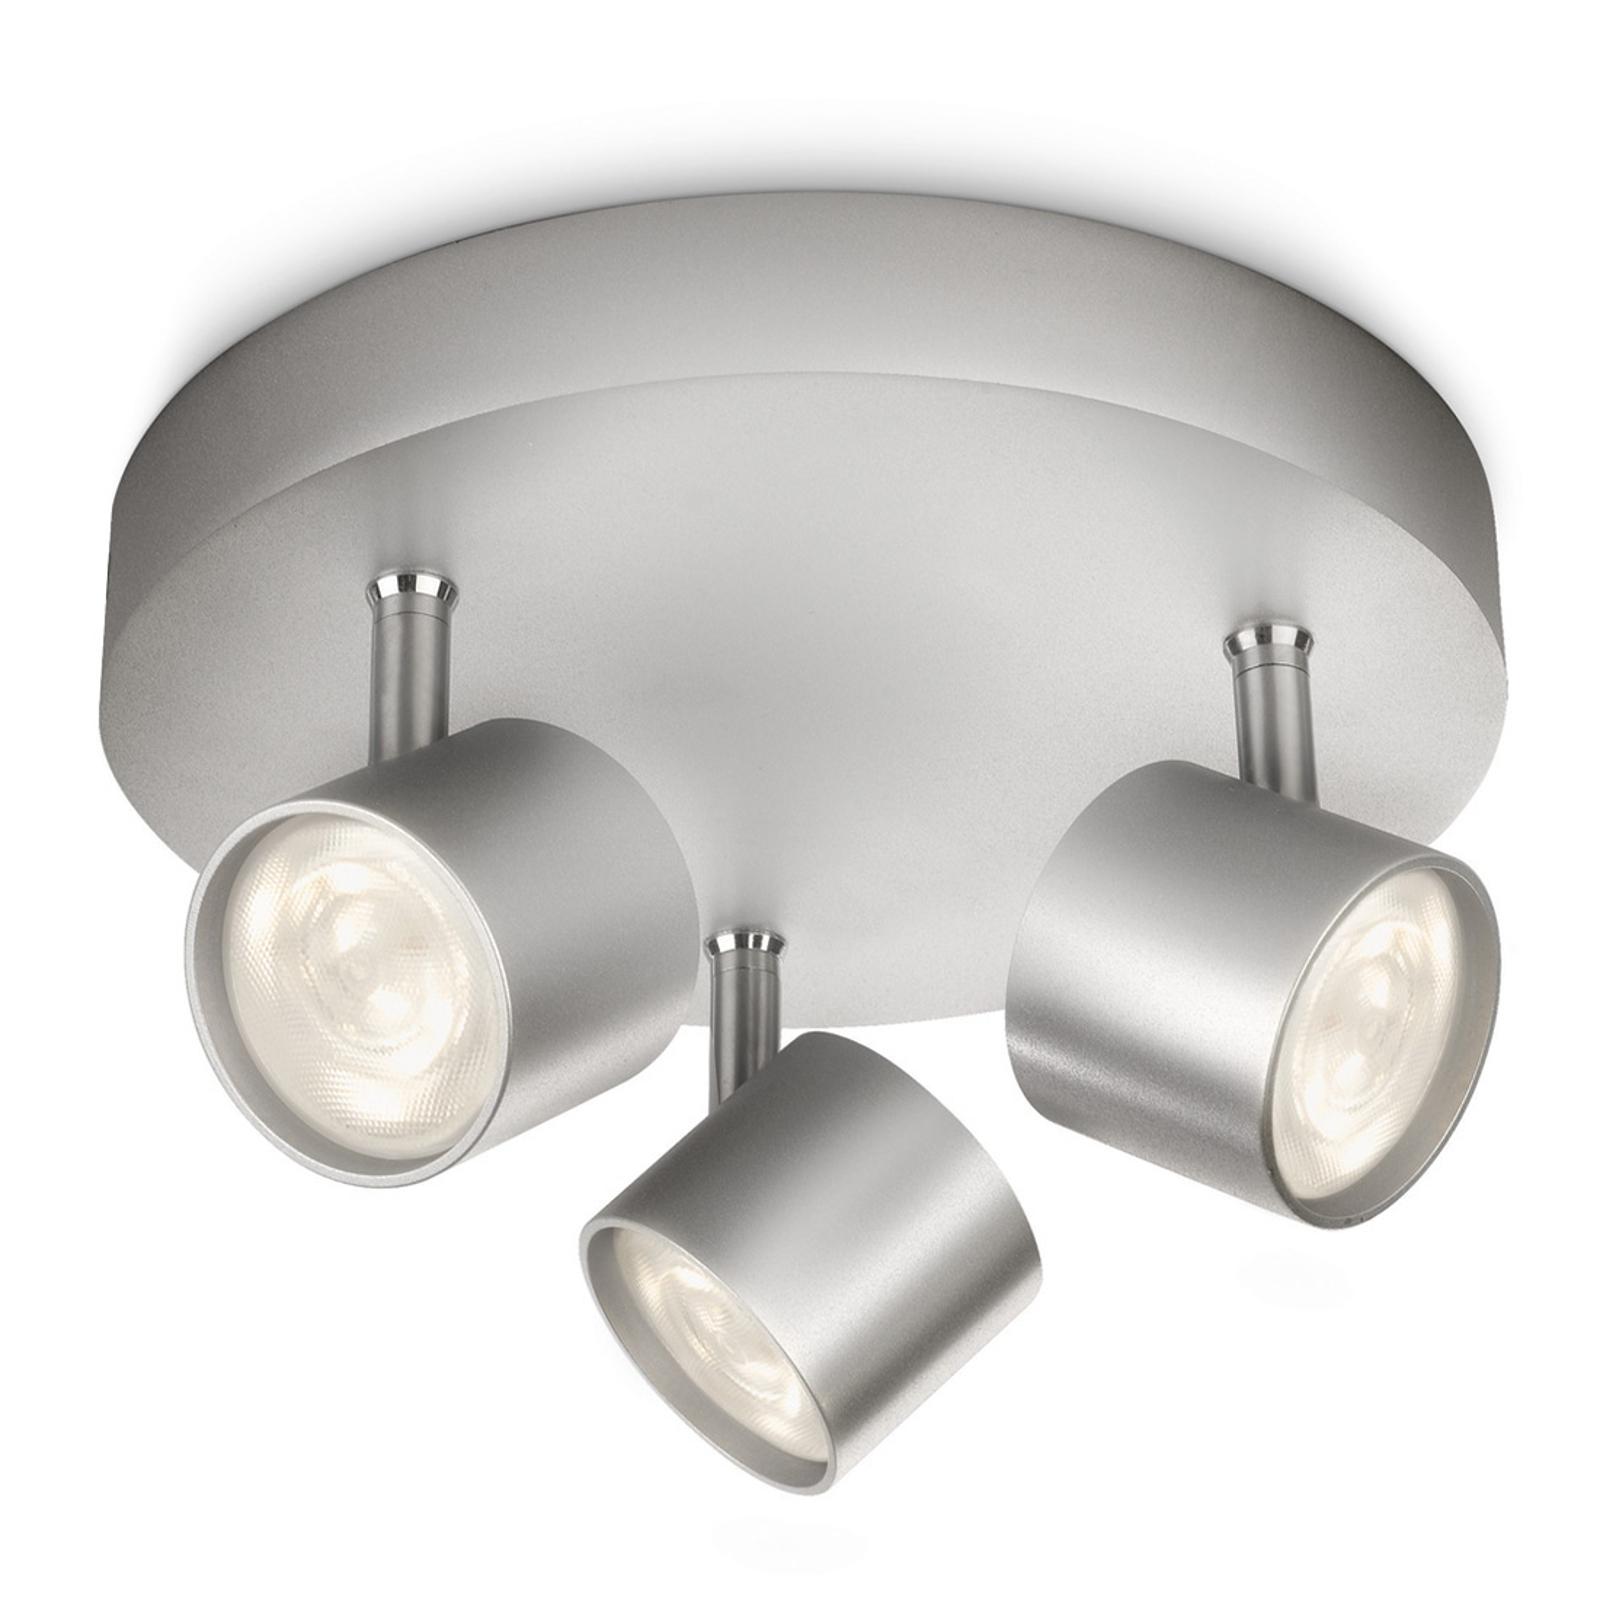 Okrągła lampa sufitowa LED STAR, 3-pkt., odchylana